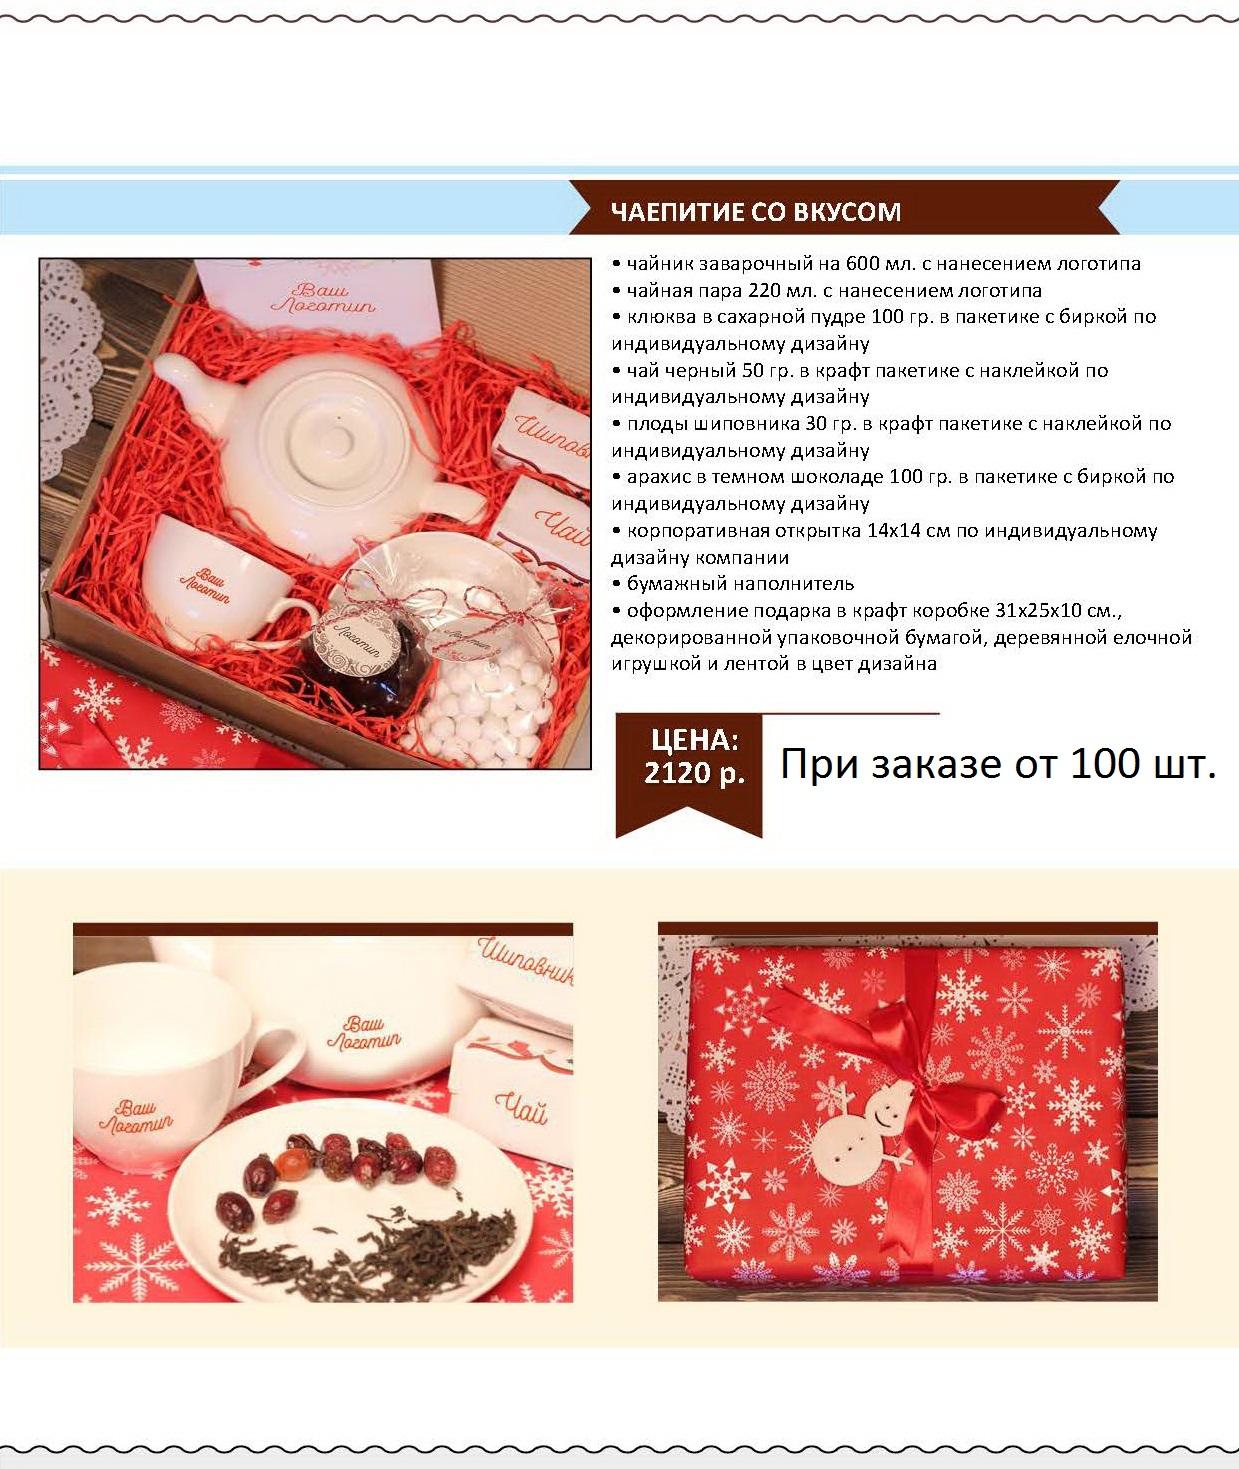 new_year_stranitsa_093